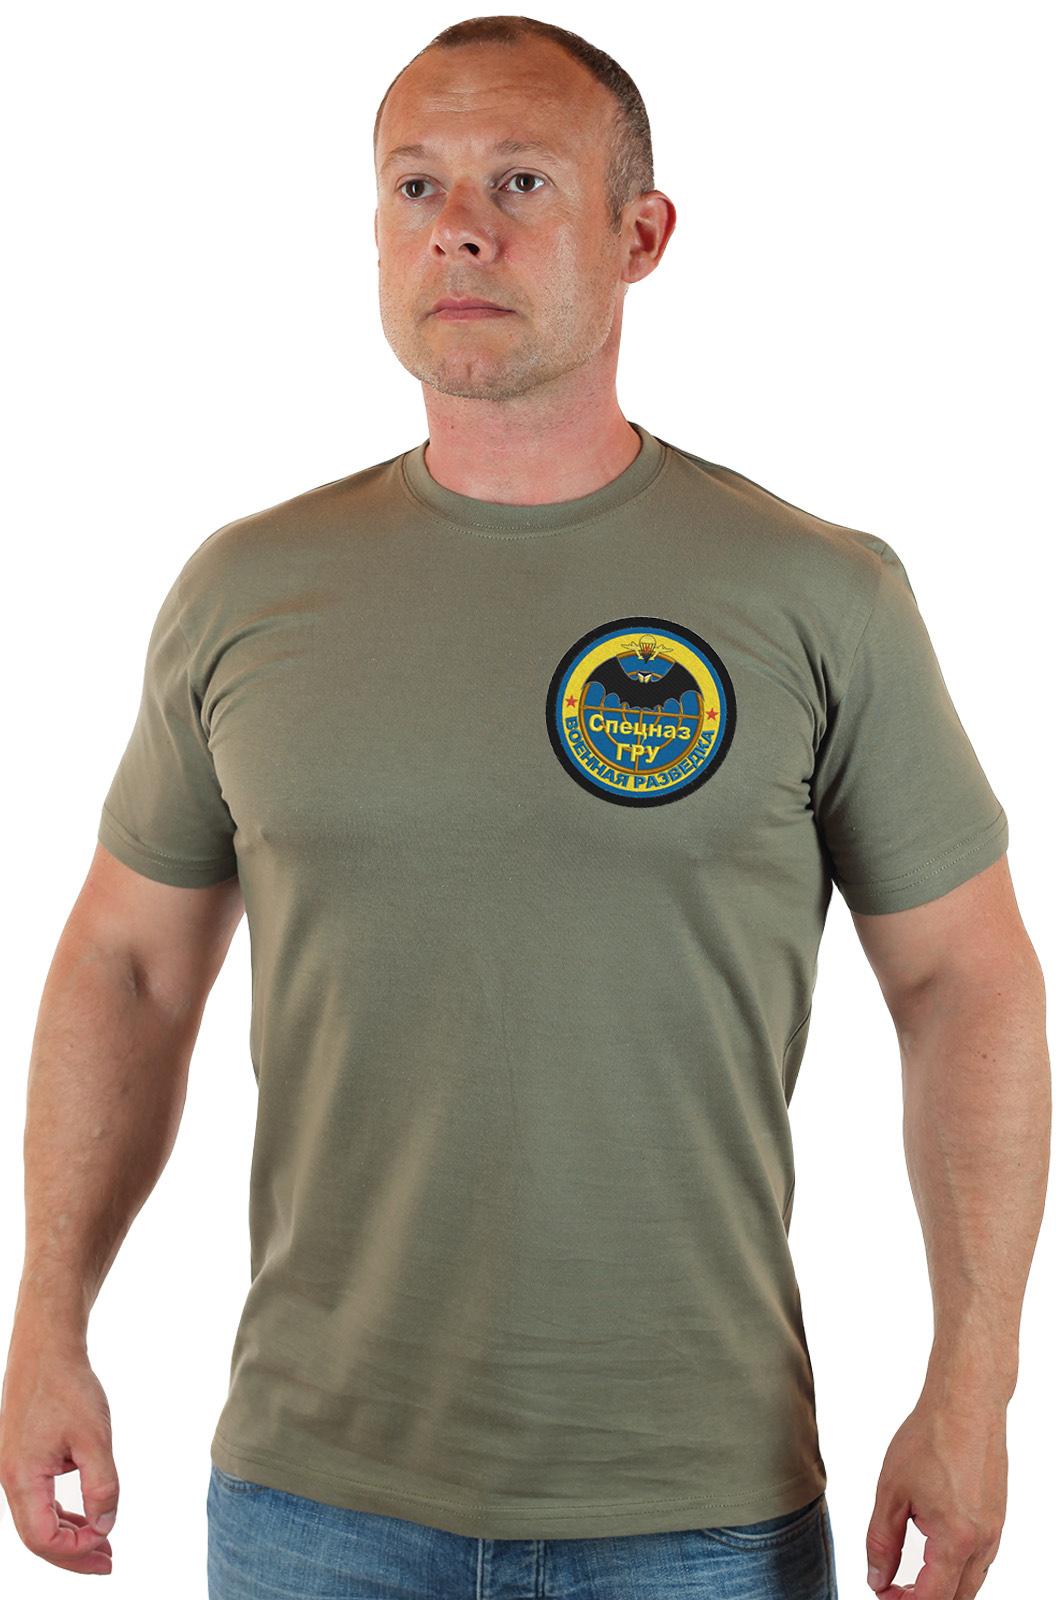 Купить в Москве мужскую футболку Спецназа ГРУ